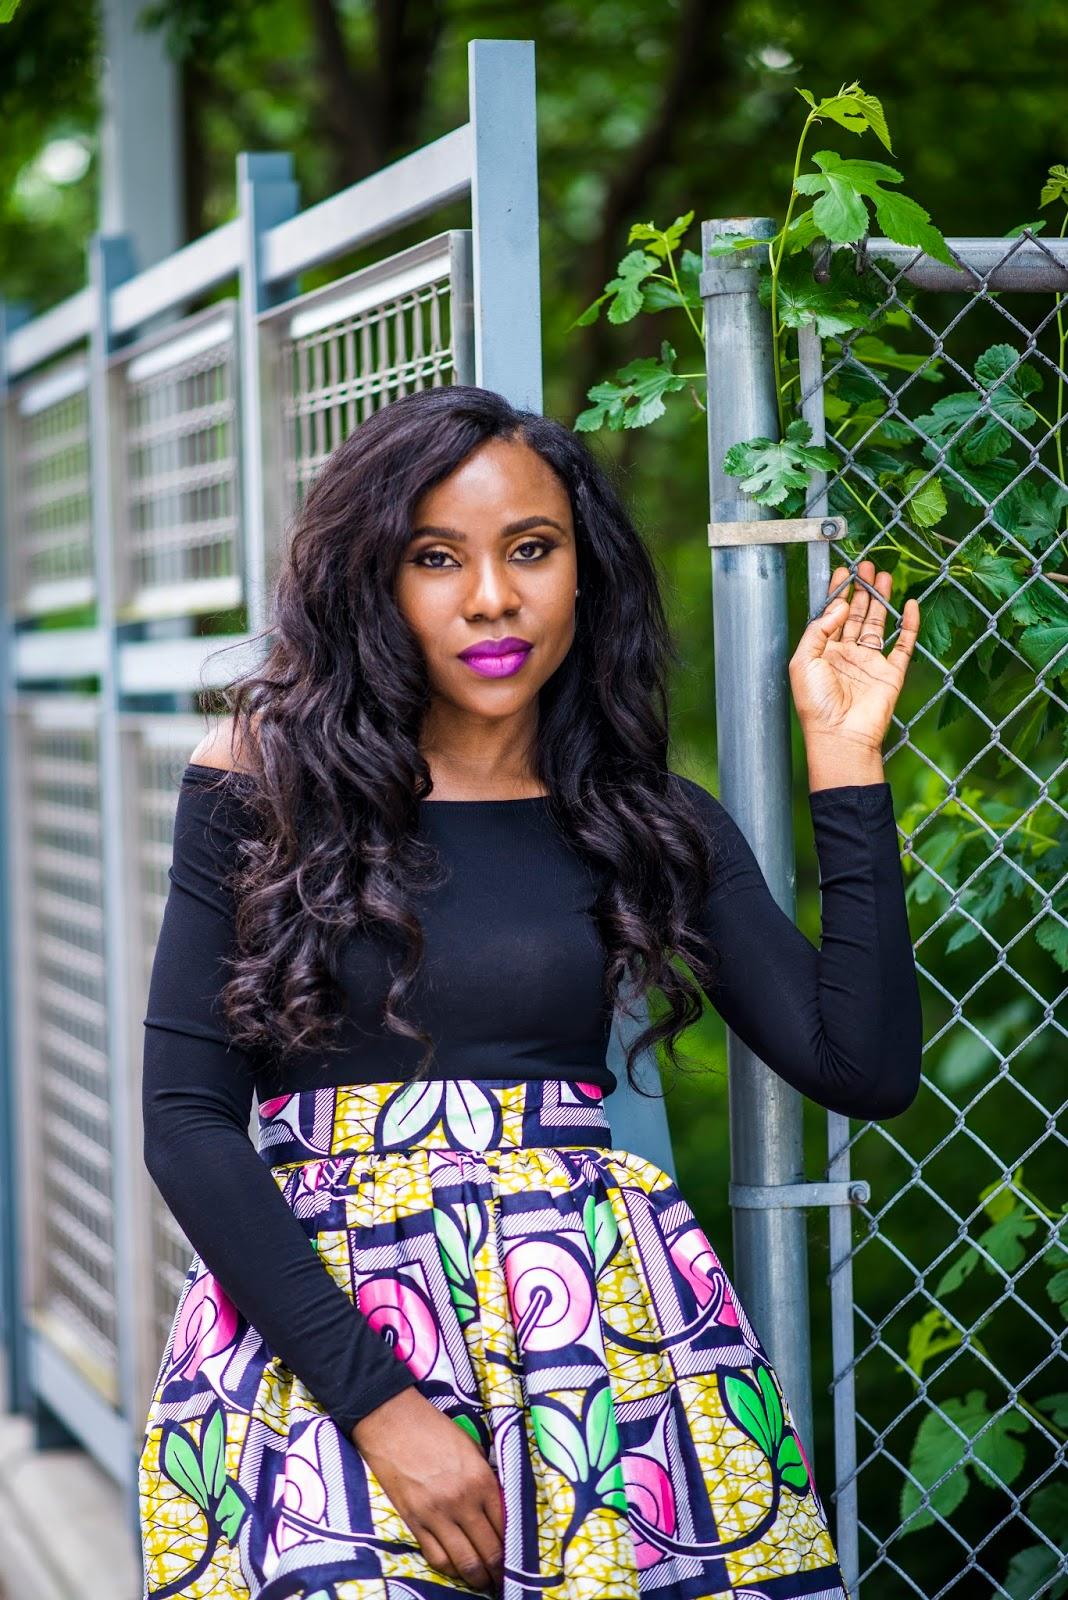 Ankara Skirt for Summer: Studio One Afrique